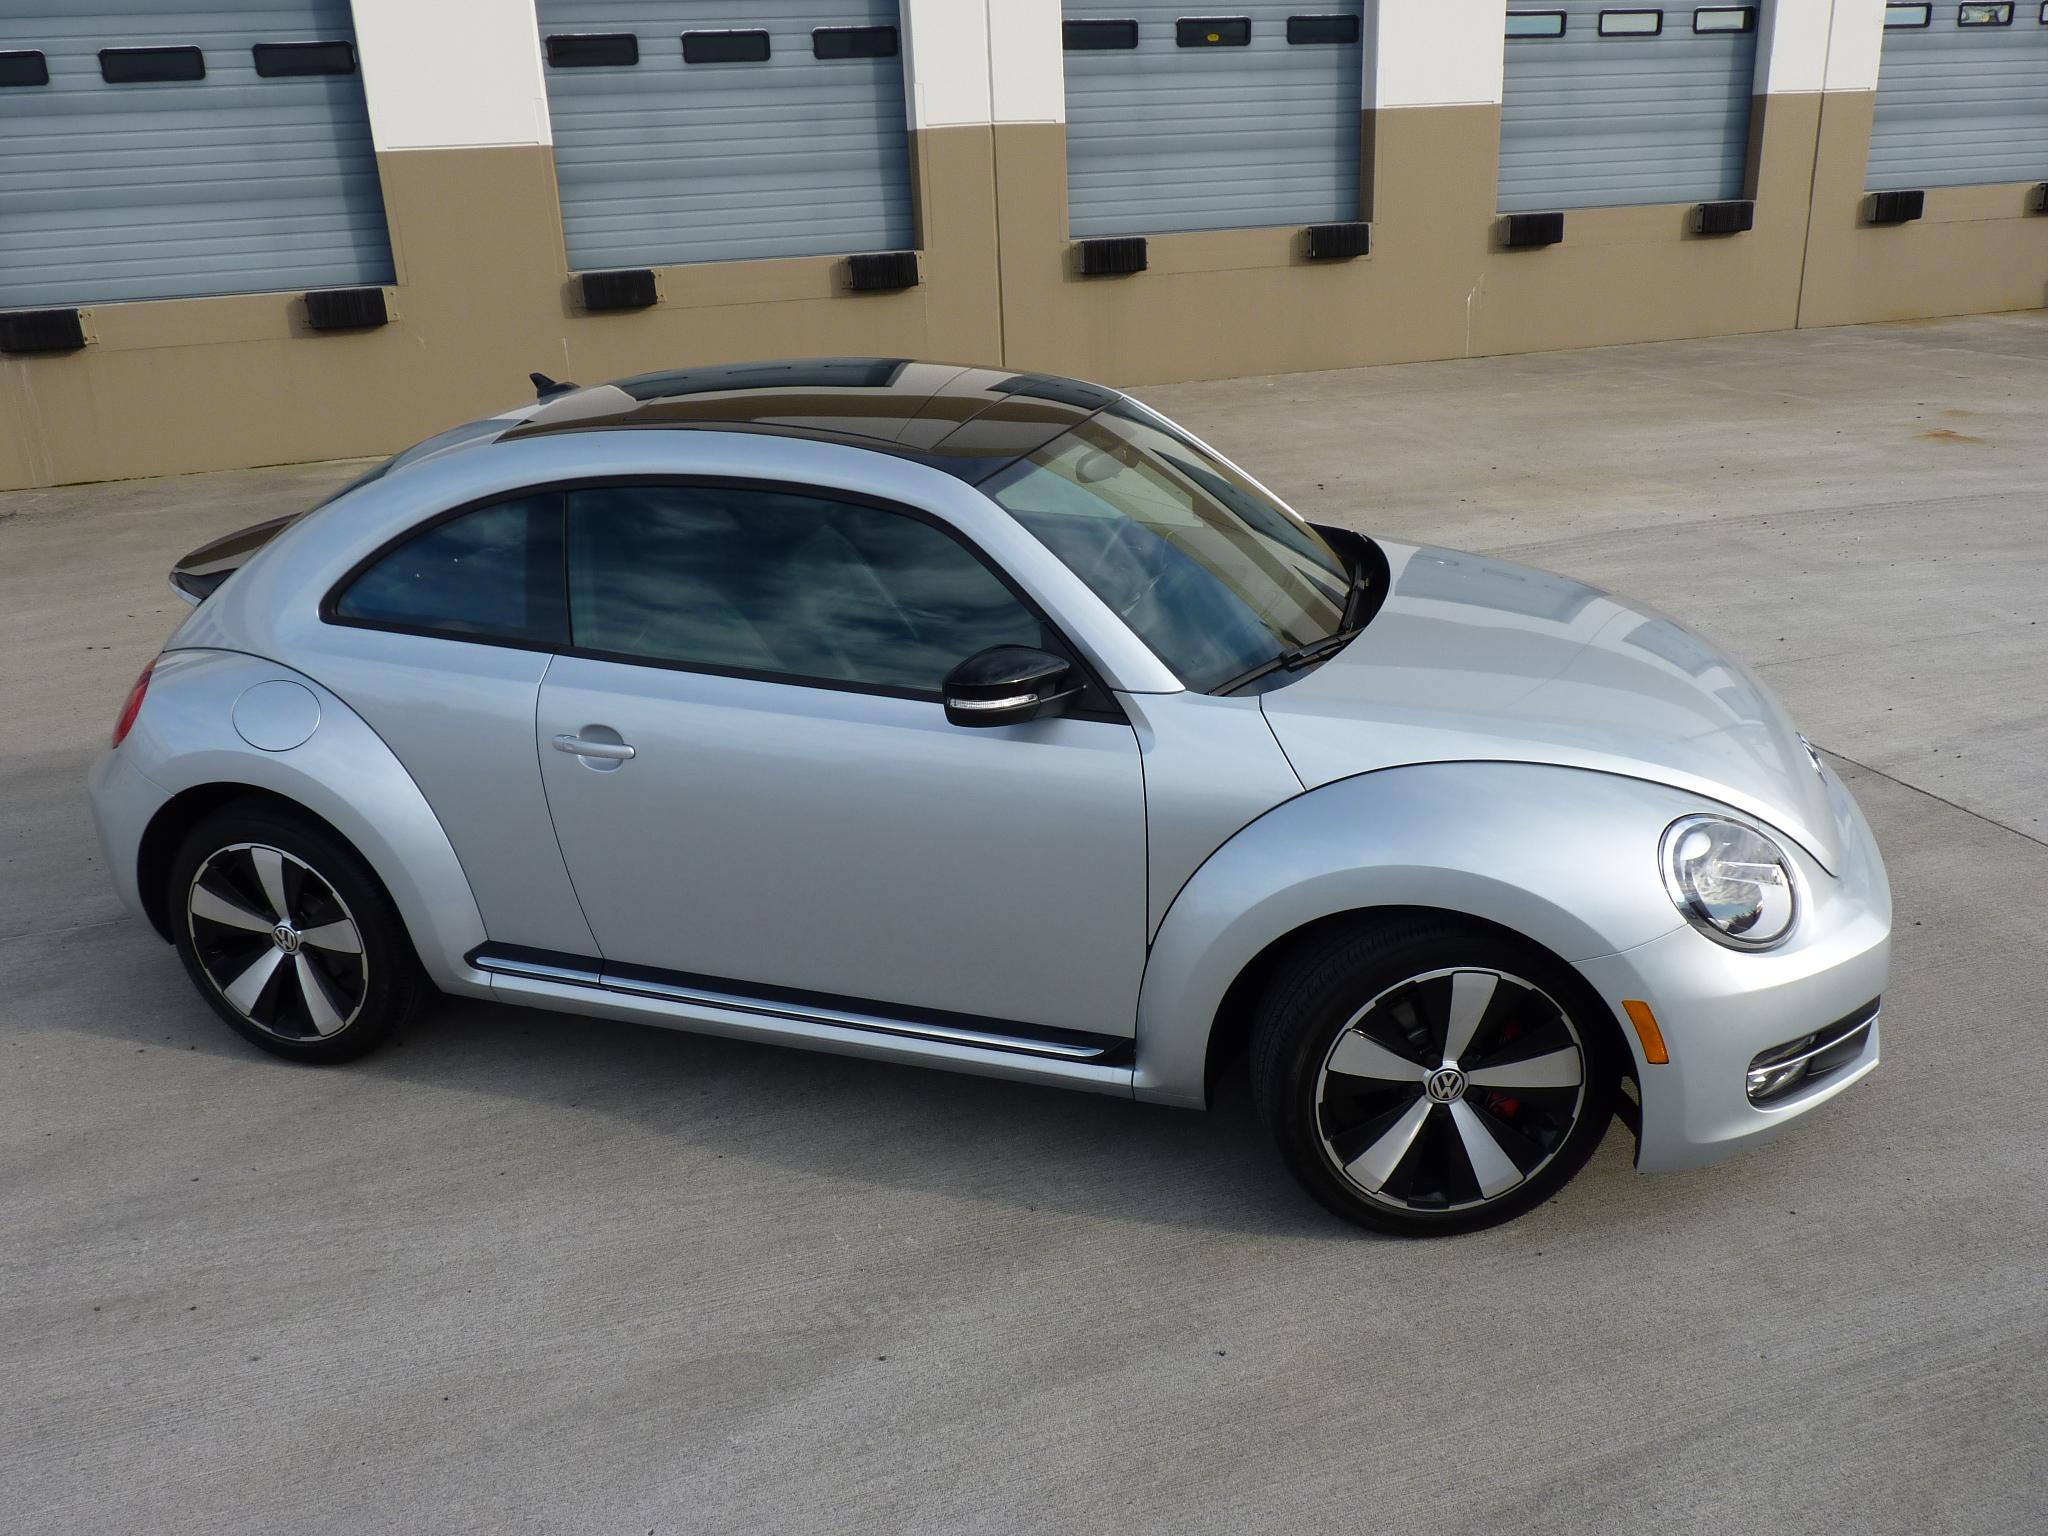 2012 Volkswagen Beetle Turbo Driven